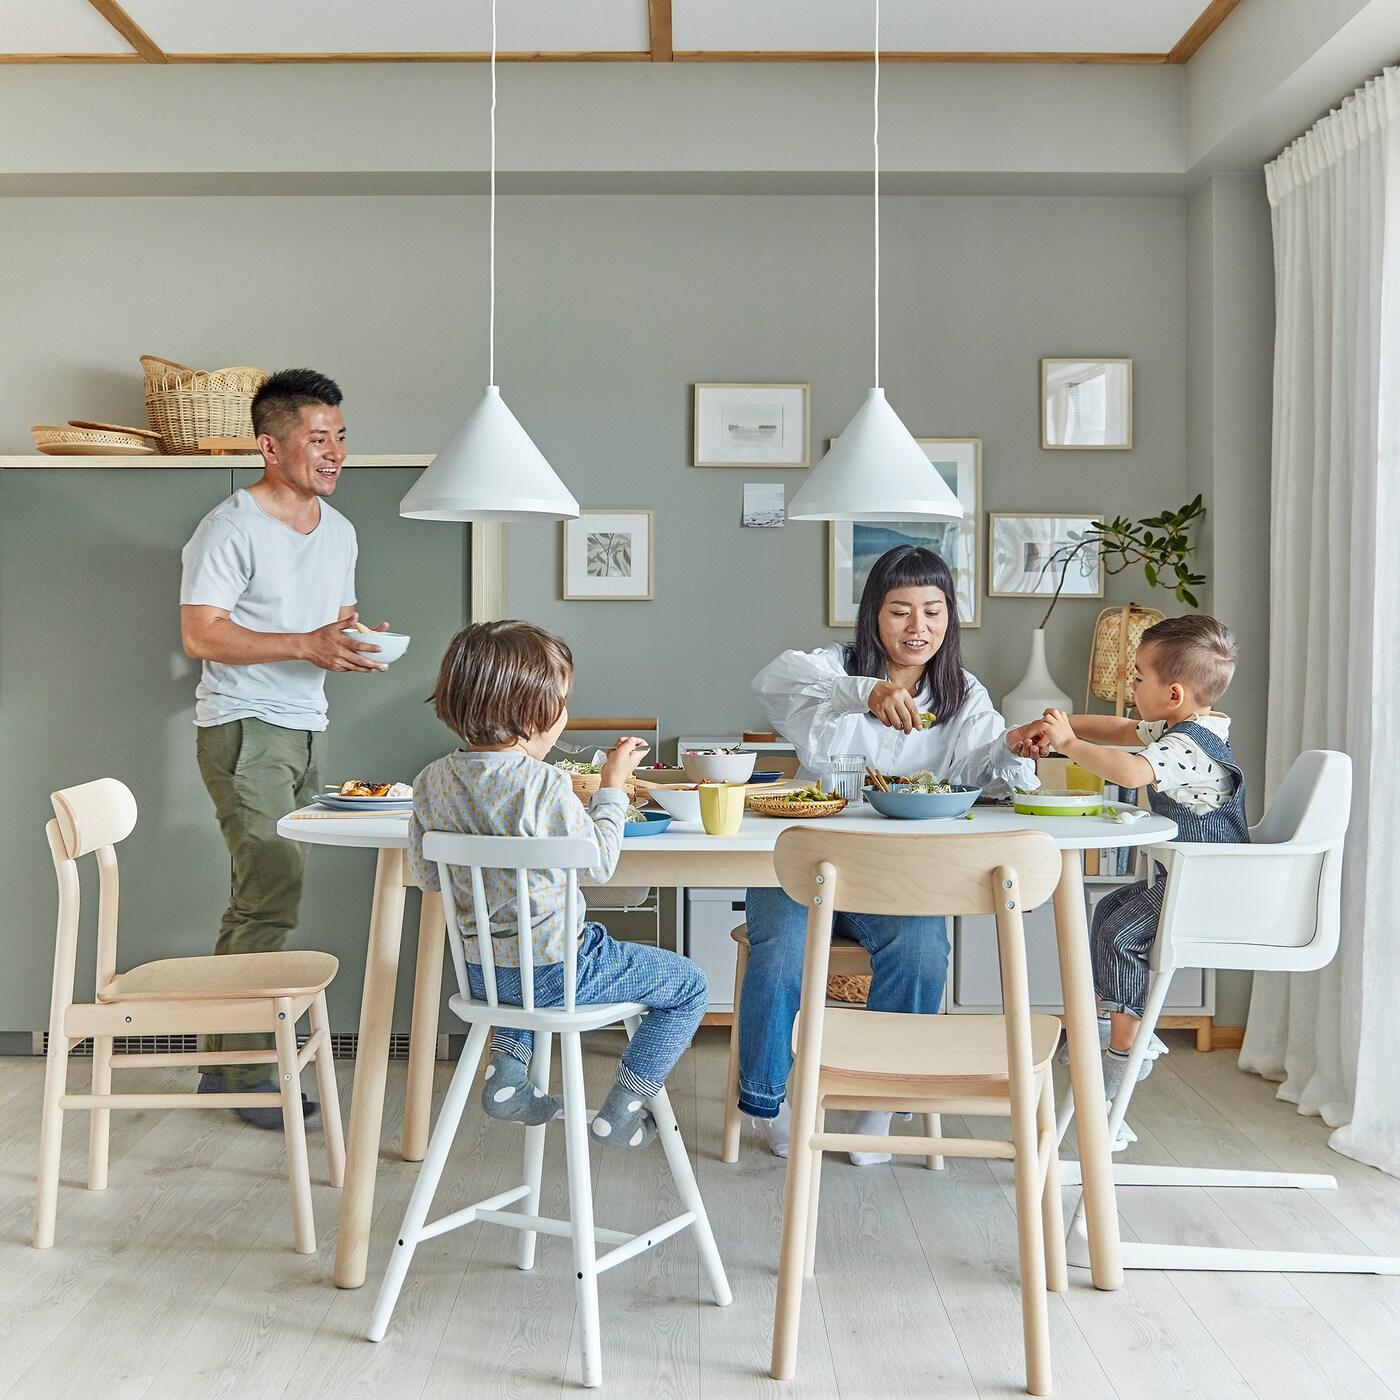 Déco Salle À Manger : Notre Galerie De Photos - Ikea encequiconcerne Table Salle A Manger Pliante Ikea